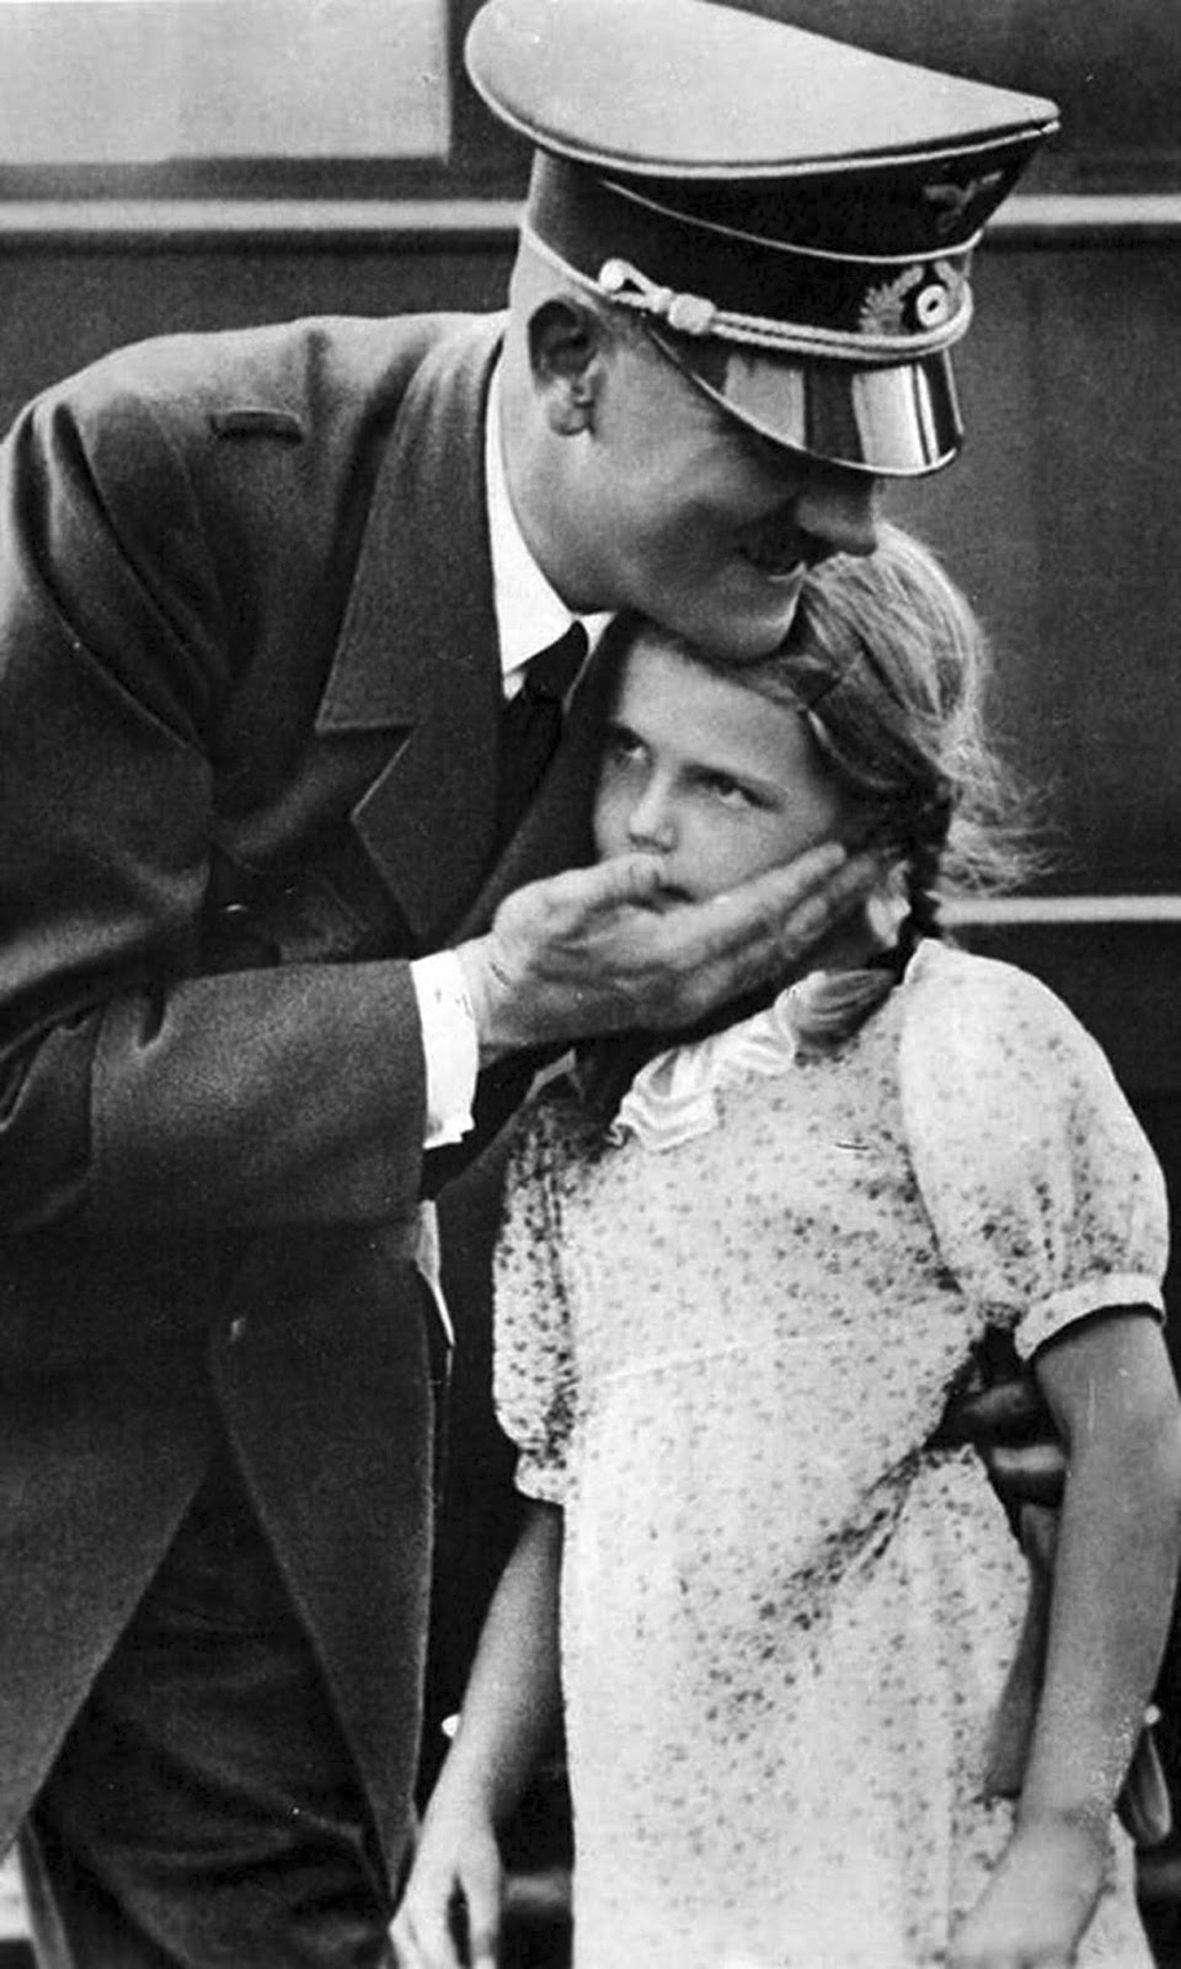 Dzieci Goebbelsów od najmłodszych lat miały kontakt z najważniejszymi ludźmi z nazistowskich Niemiec. Helga Goebbels na zdjęciu z Adolfem Hitlerem.